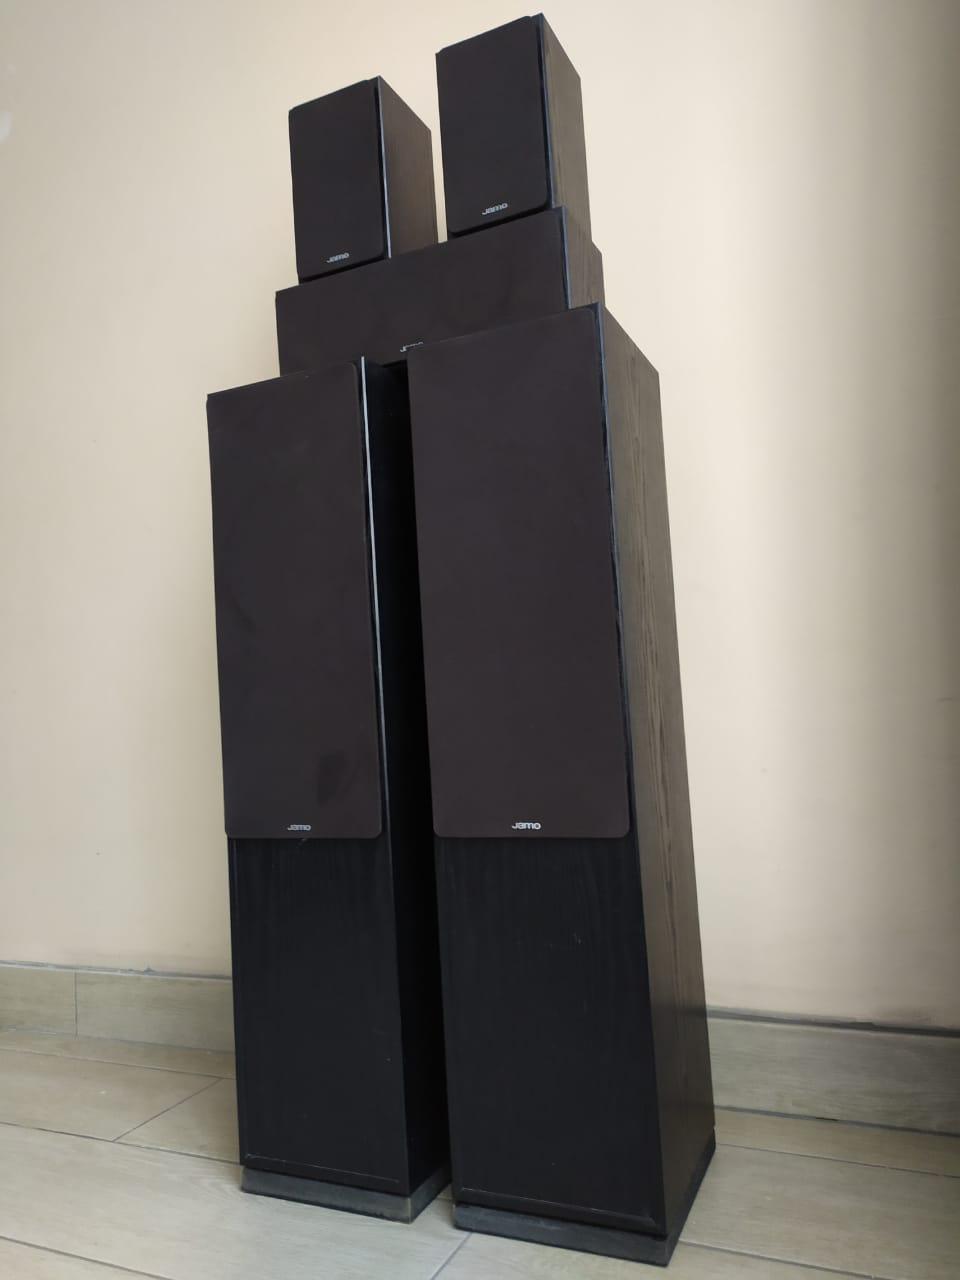 Jamo 5.0 Speaker set